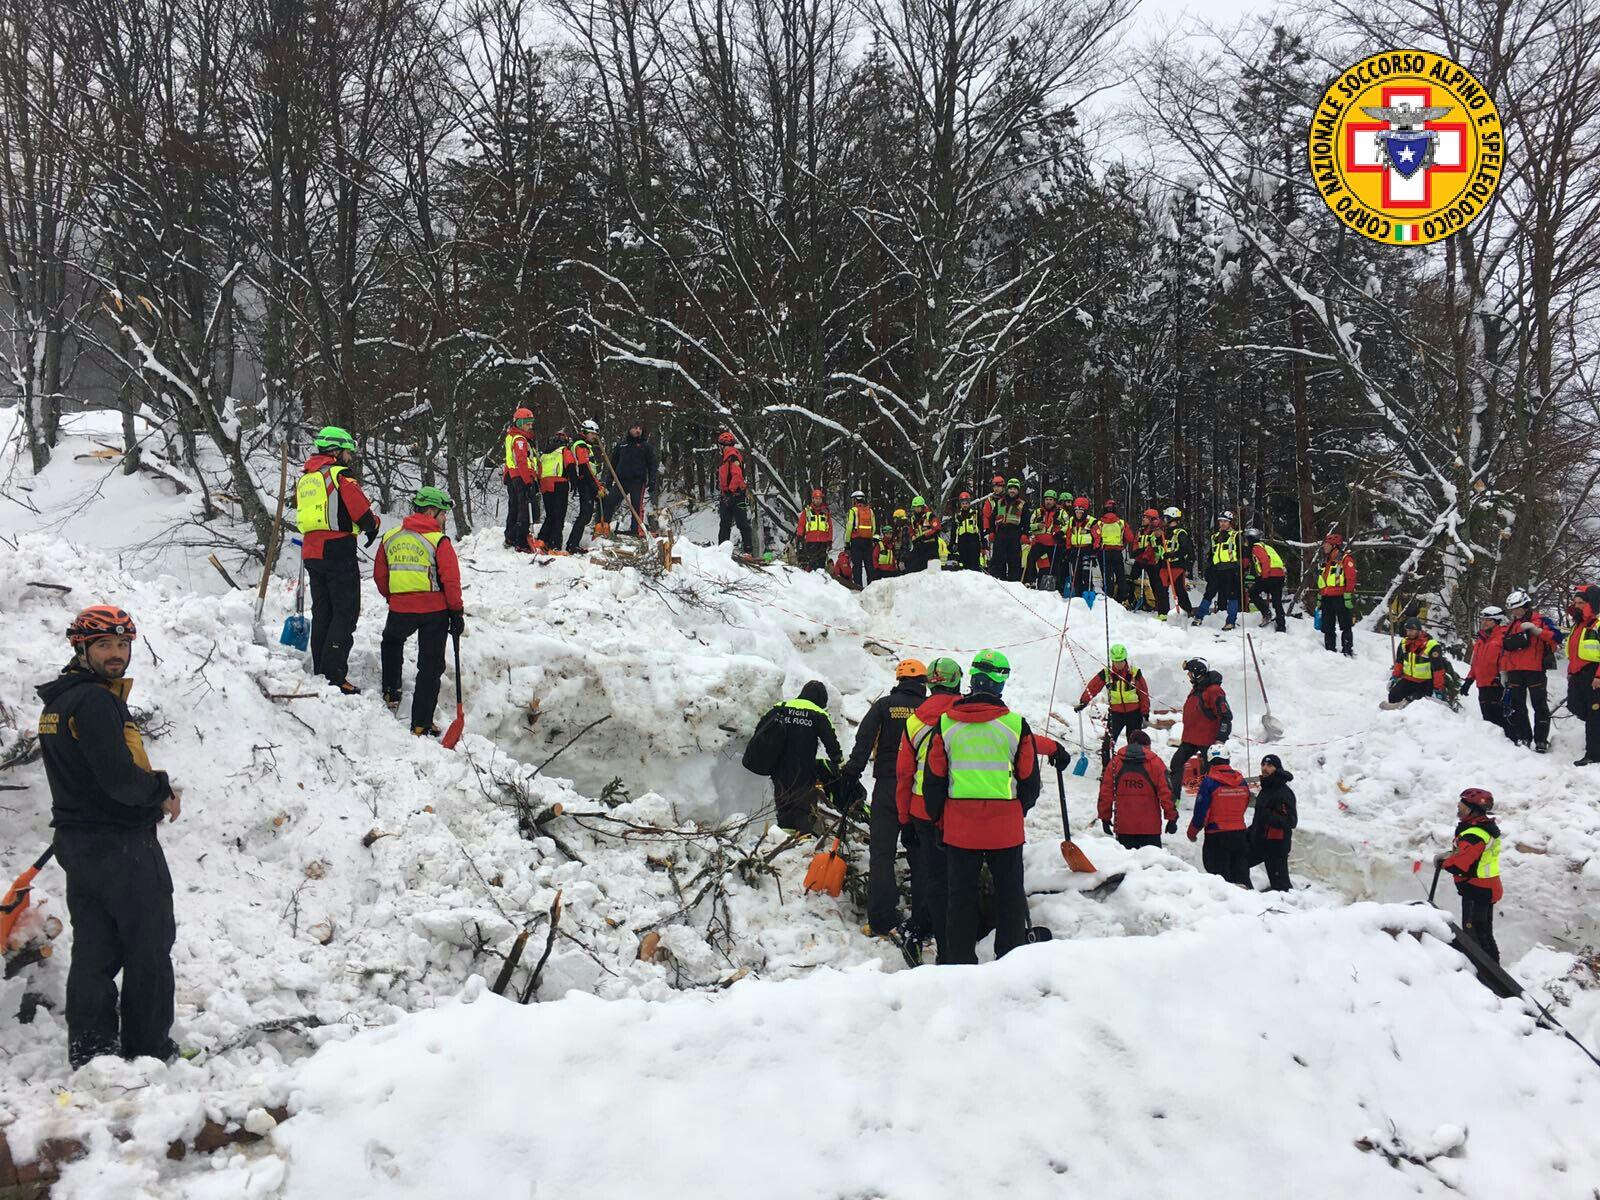 Emergenza neve in Centro Italia: il cuore straordinario dell'Italia che sa aiutare gli altri | Emergency Live 35